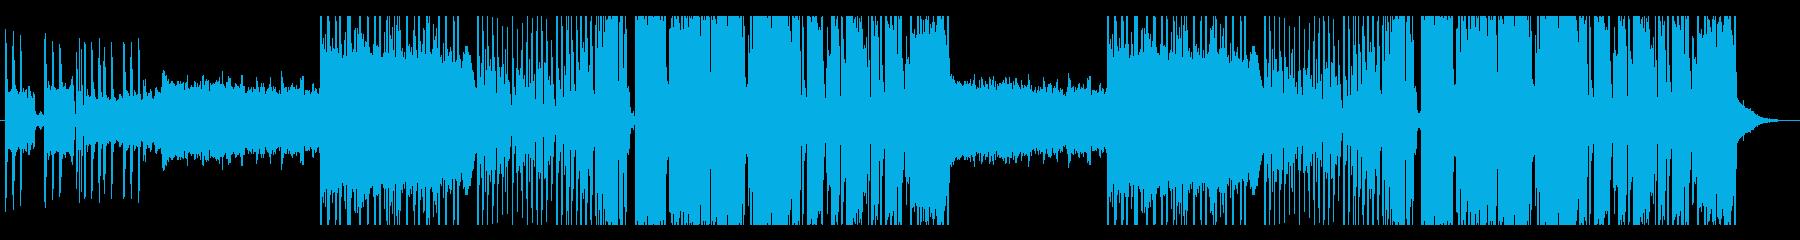 壮大に広がっていくエレクトロポップの再生済みの波形